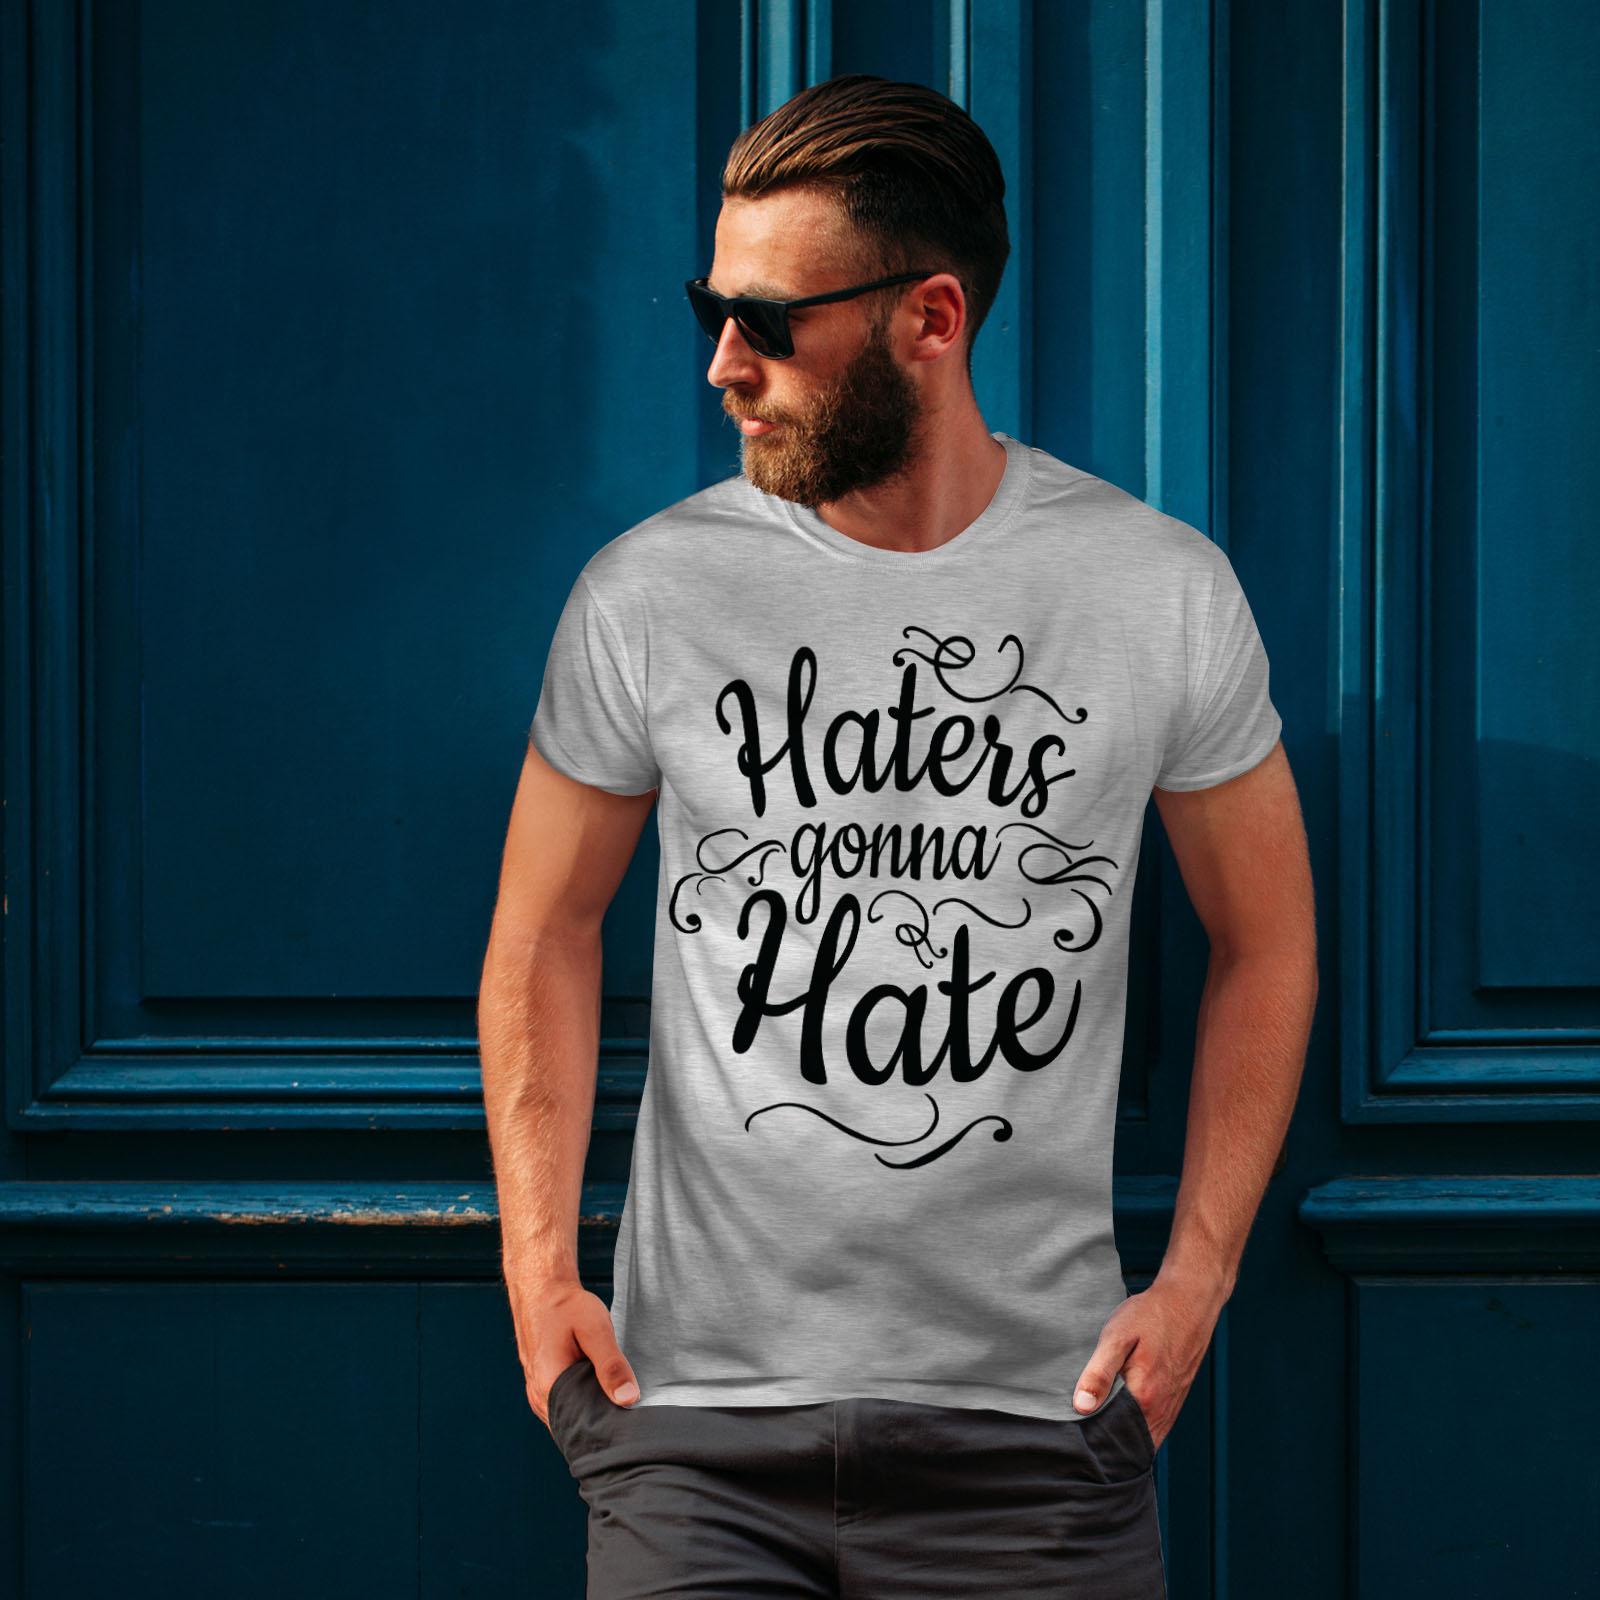 Wellcoda-Hasser-Gonna-Hate-Herren-T-Shirt-lustige-Grafikdesign-Printed-Tee Indexbild 16